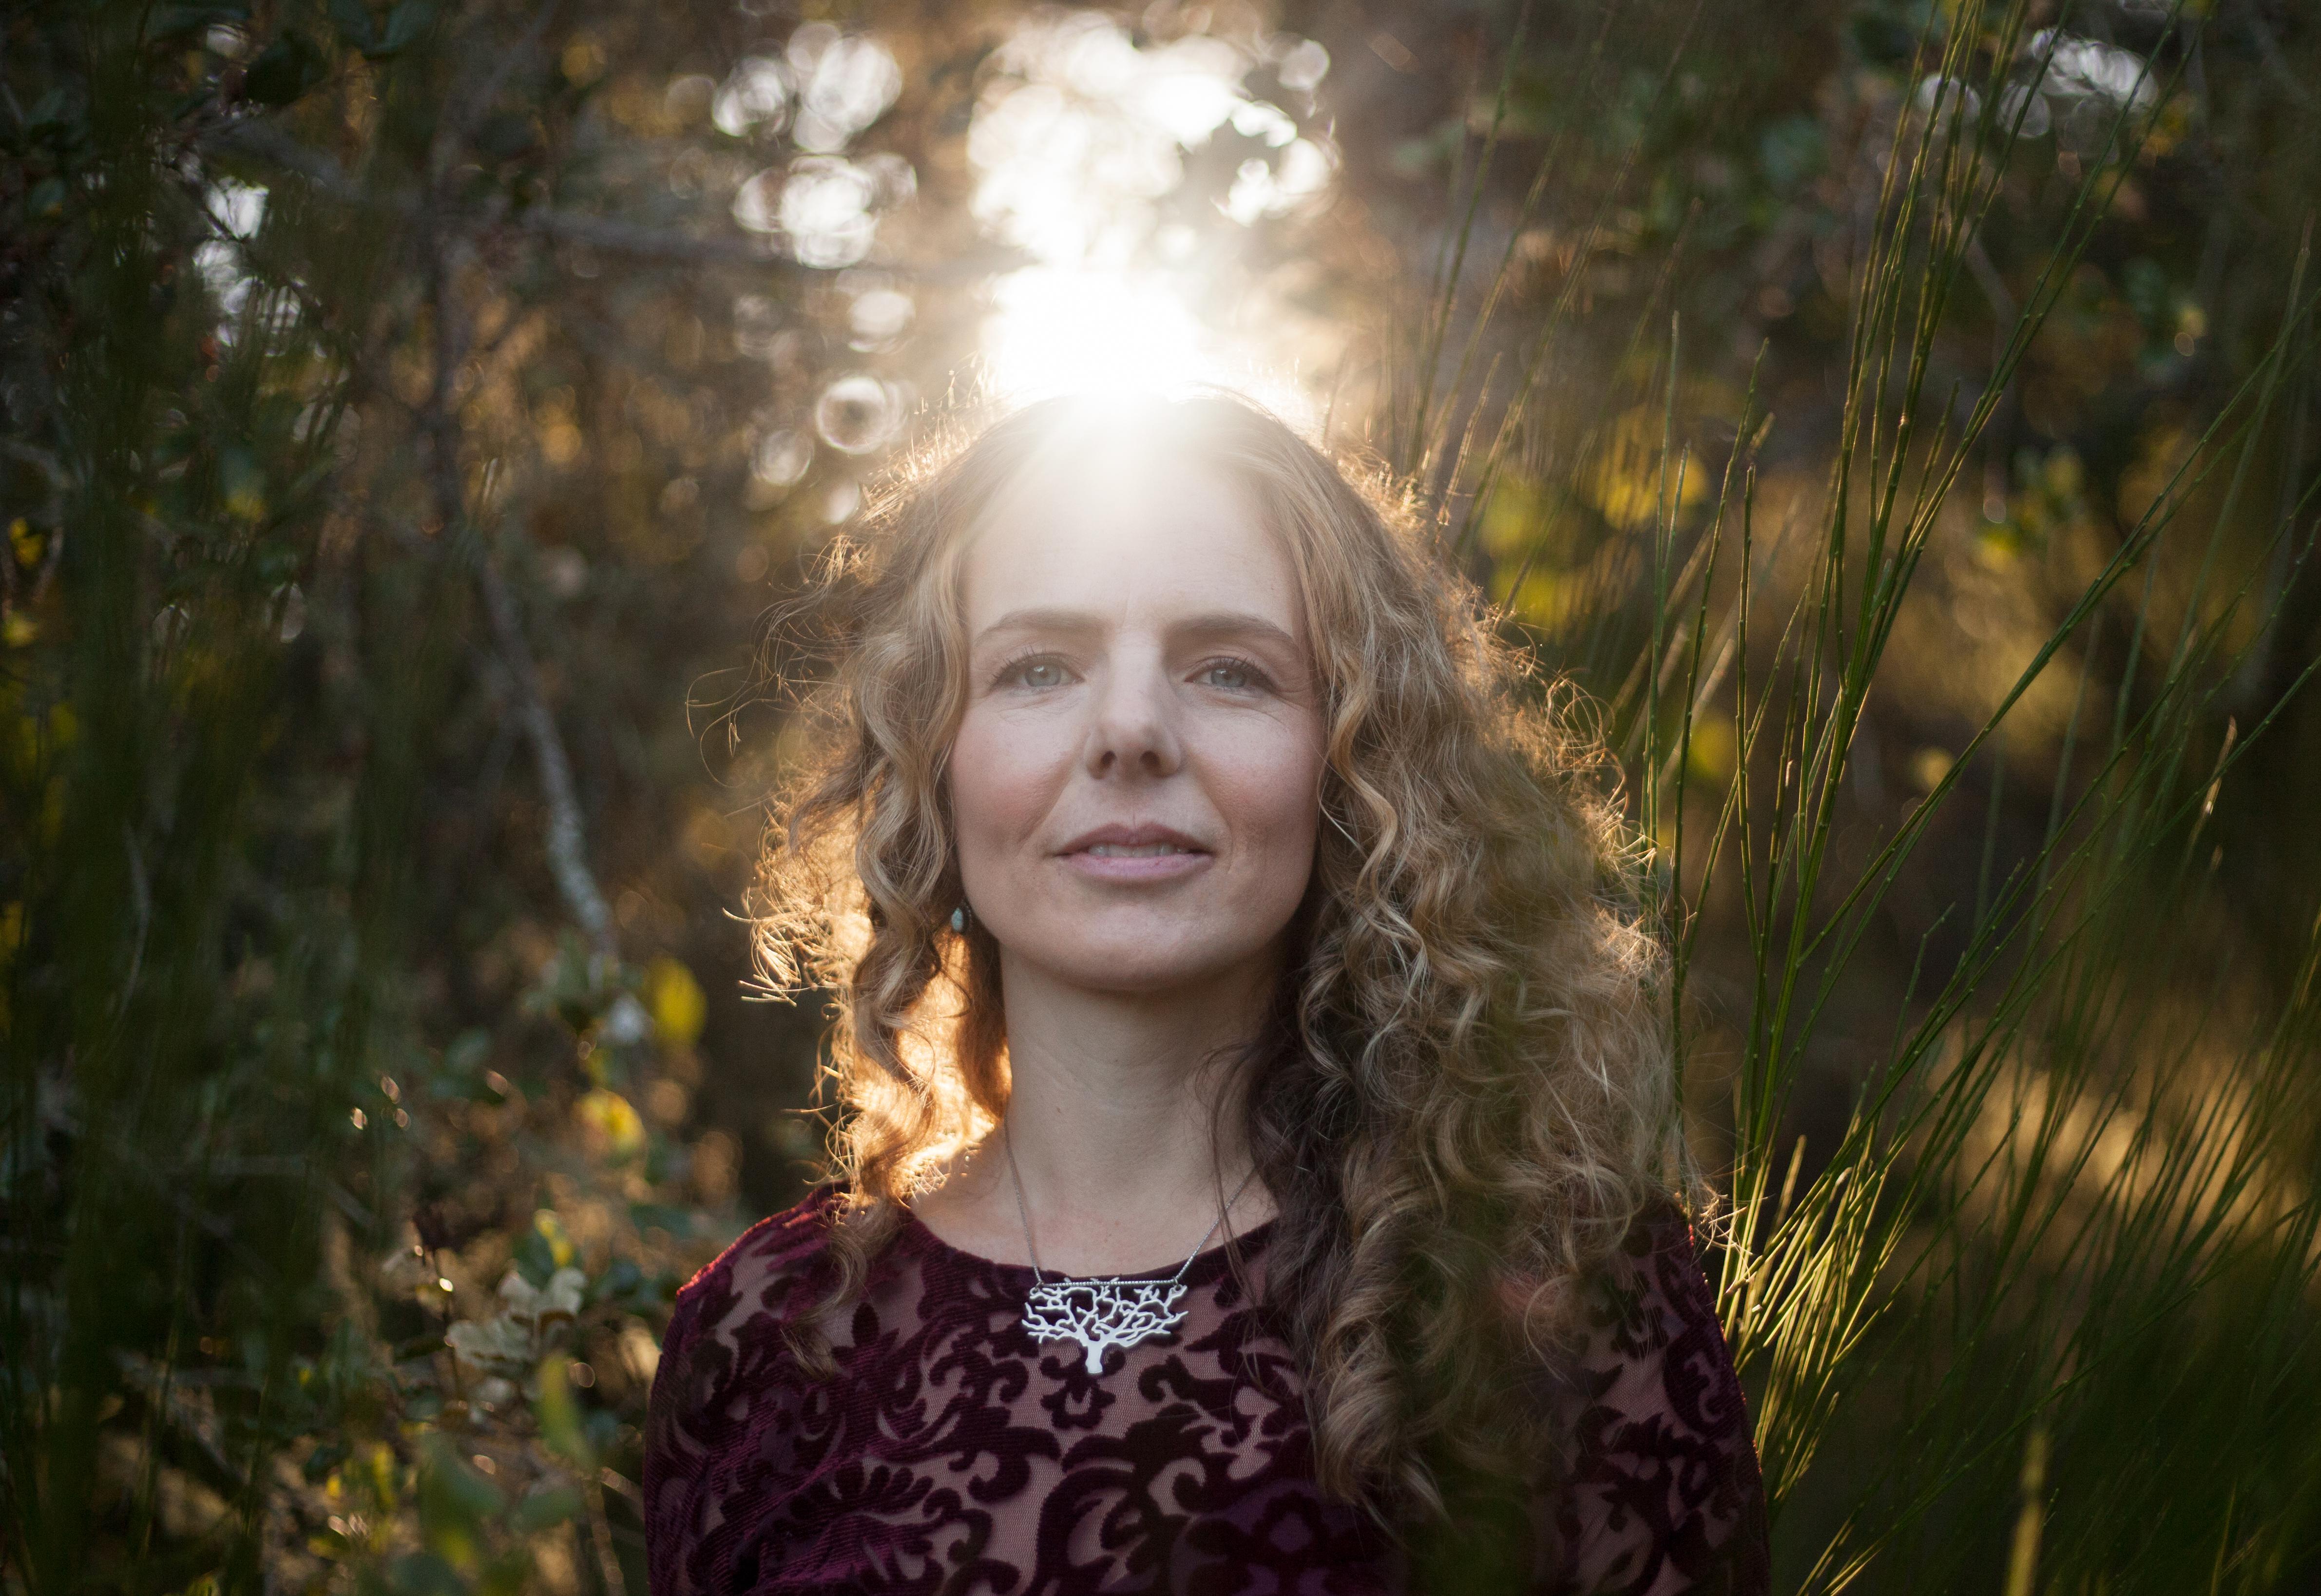 Erika halo of light